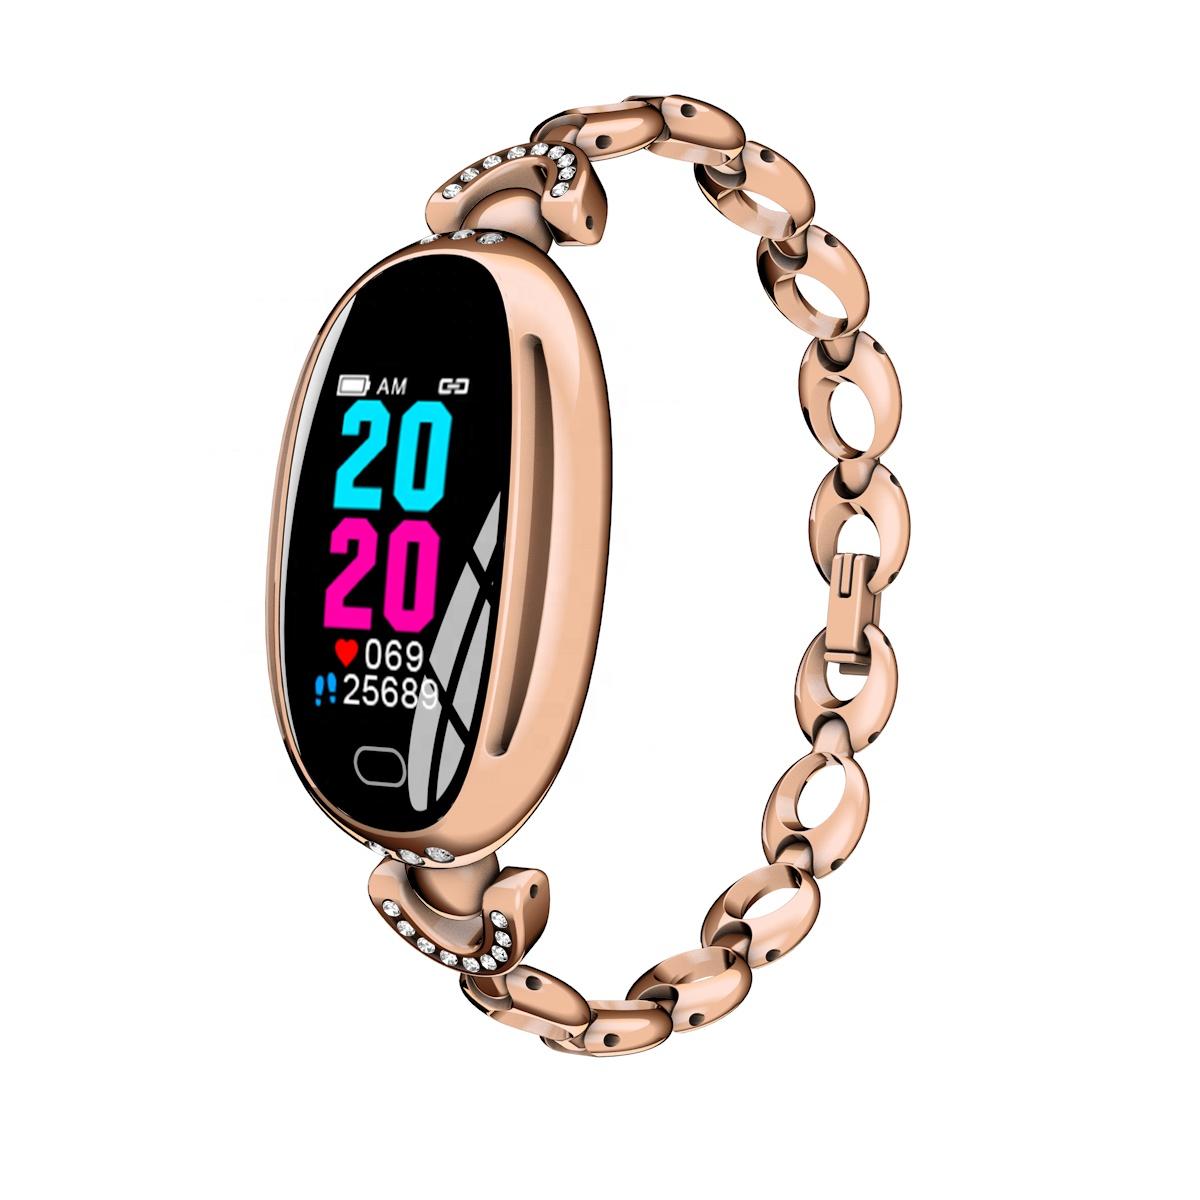 Фитнес-браслет ZDK E68 Gold, золотой фитнес браслет xride s1 с мониторингом сердечного ритма orange